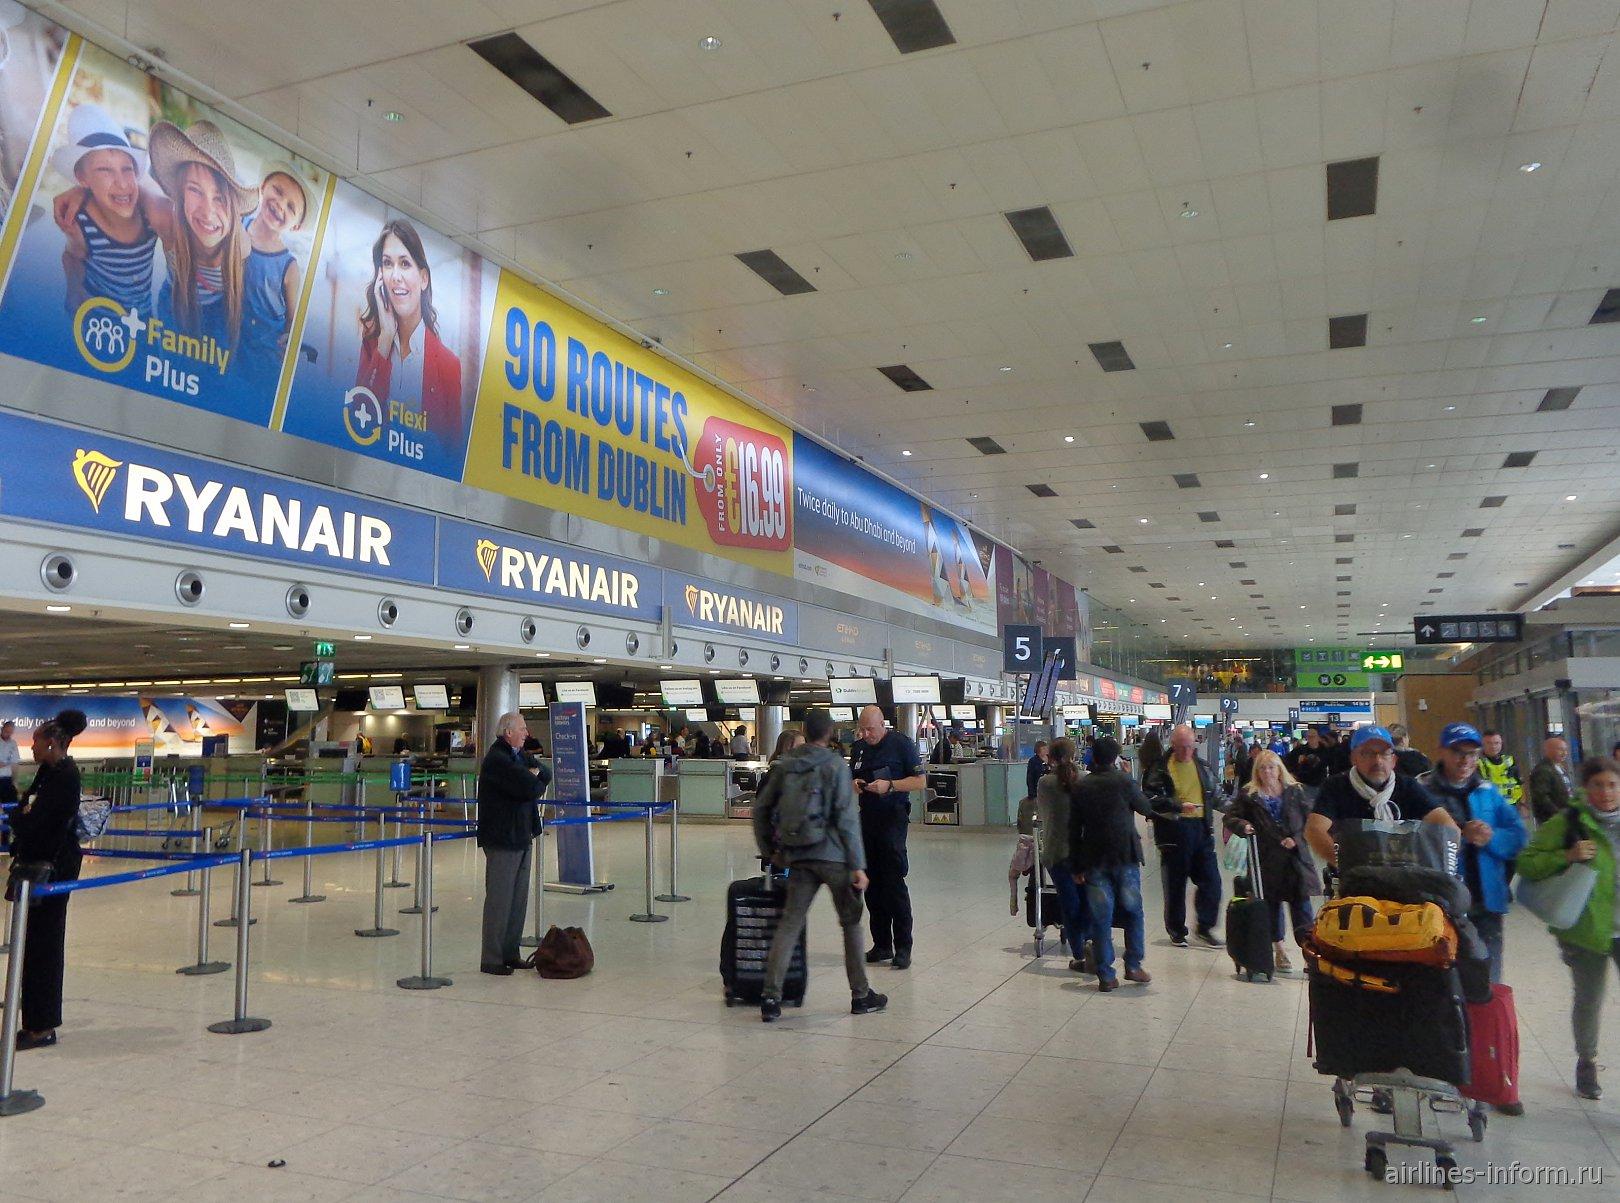 Зал регистрации на вылетающие рейсы в терминале 1 аэропорта Дублин